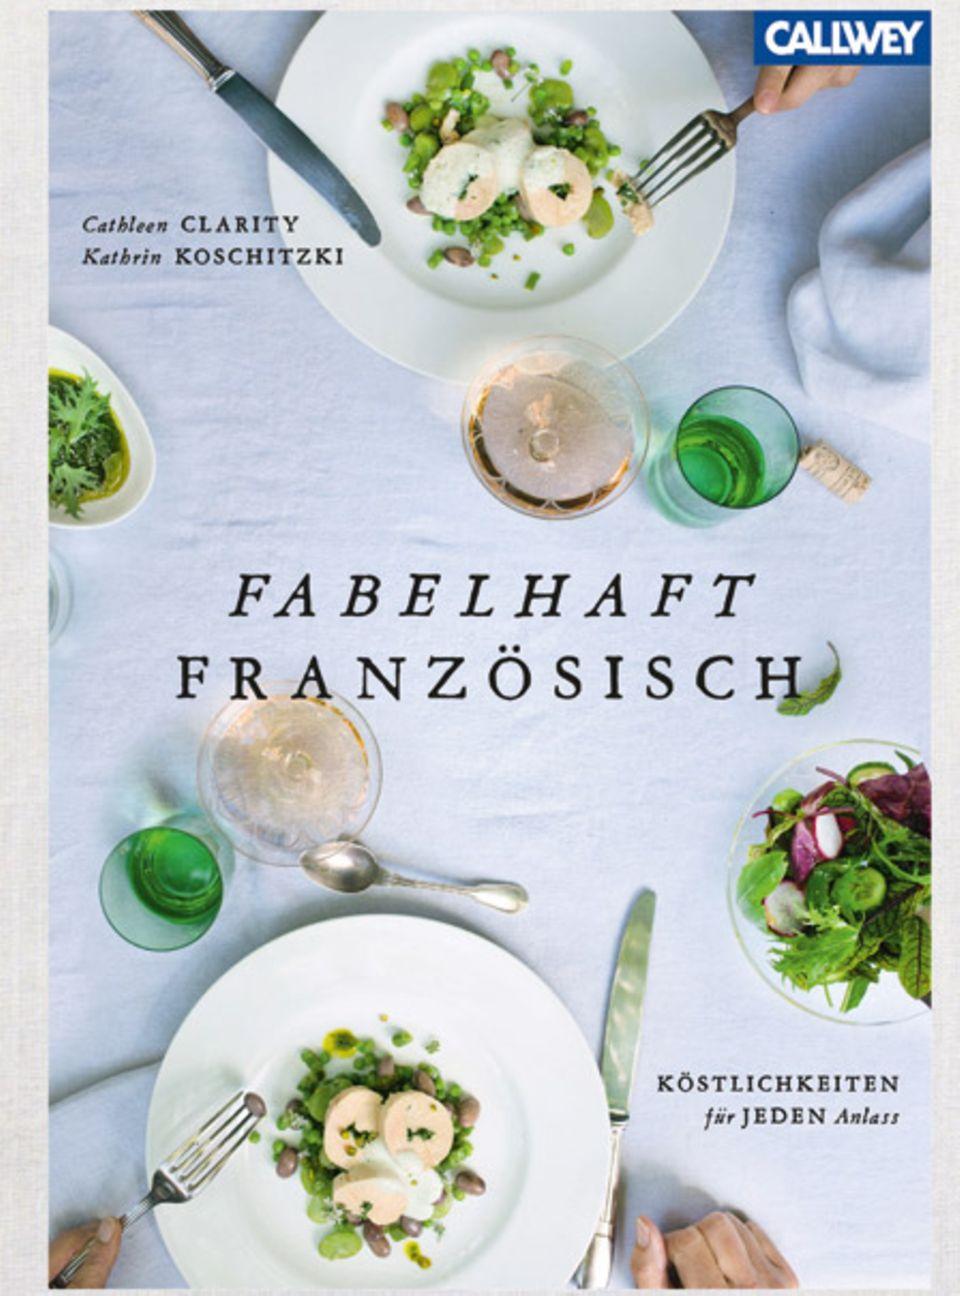 Cathleen Clarity & Kathrin Koschitzki: Französische Köstlichkeiten für jeden Anlass